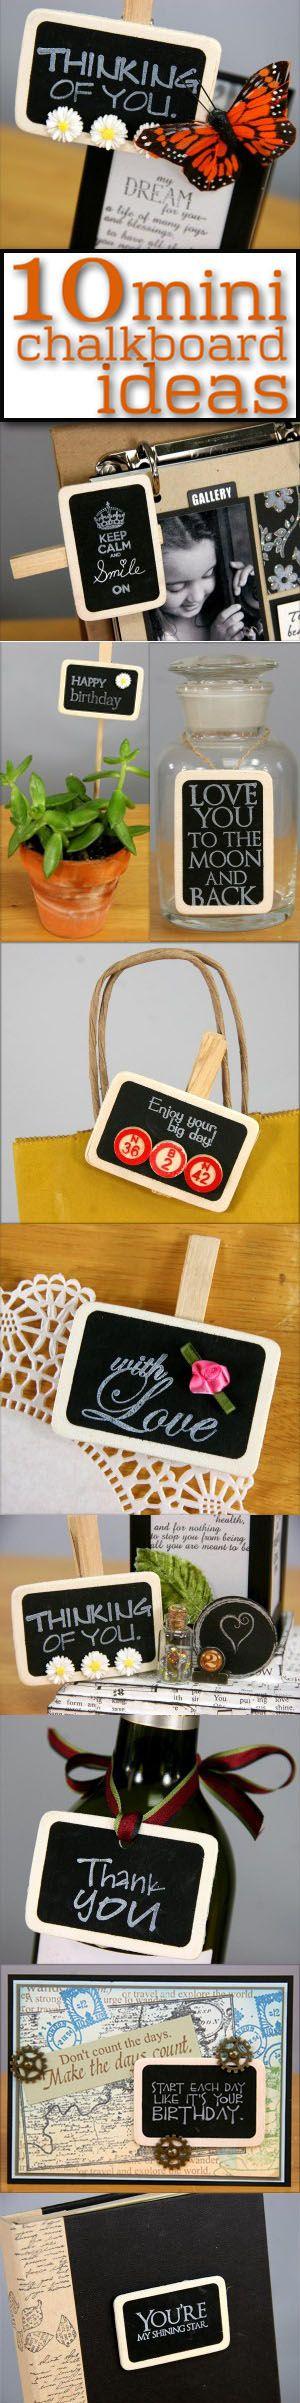 Ten inspiring ideas for our mini chalkboard clips!   Club Scrap #chalkboard